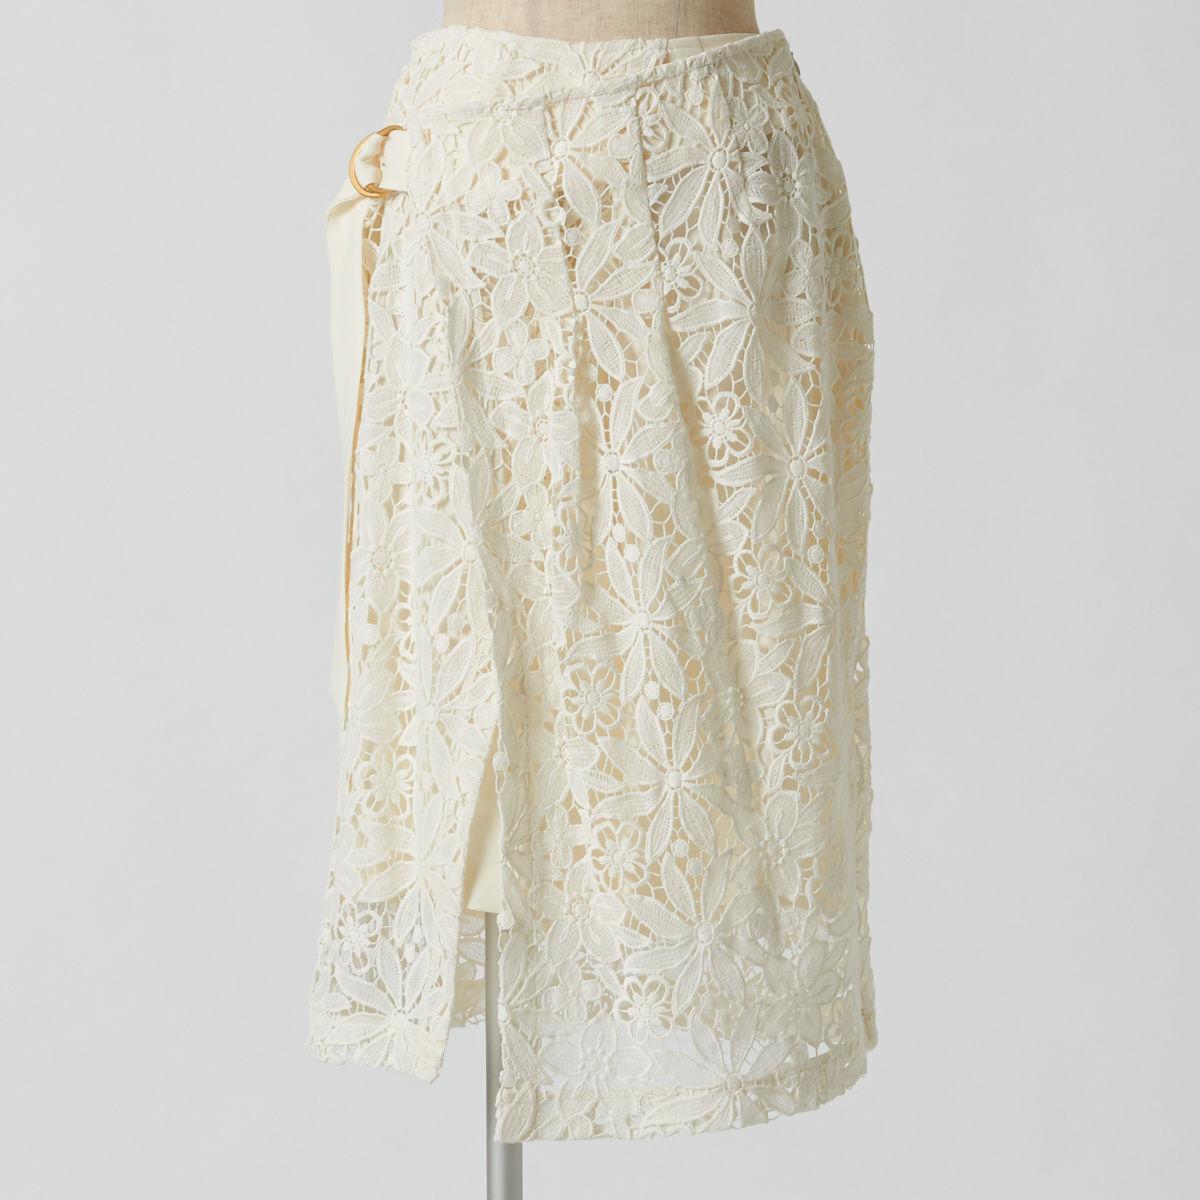 ラージフラワーレーススカート(ホワイト)